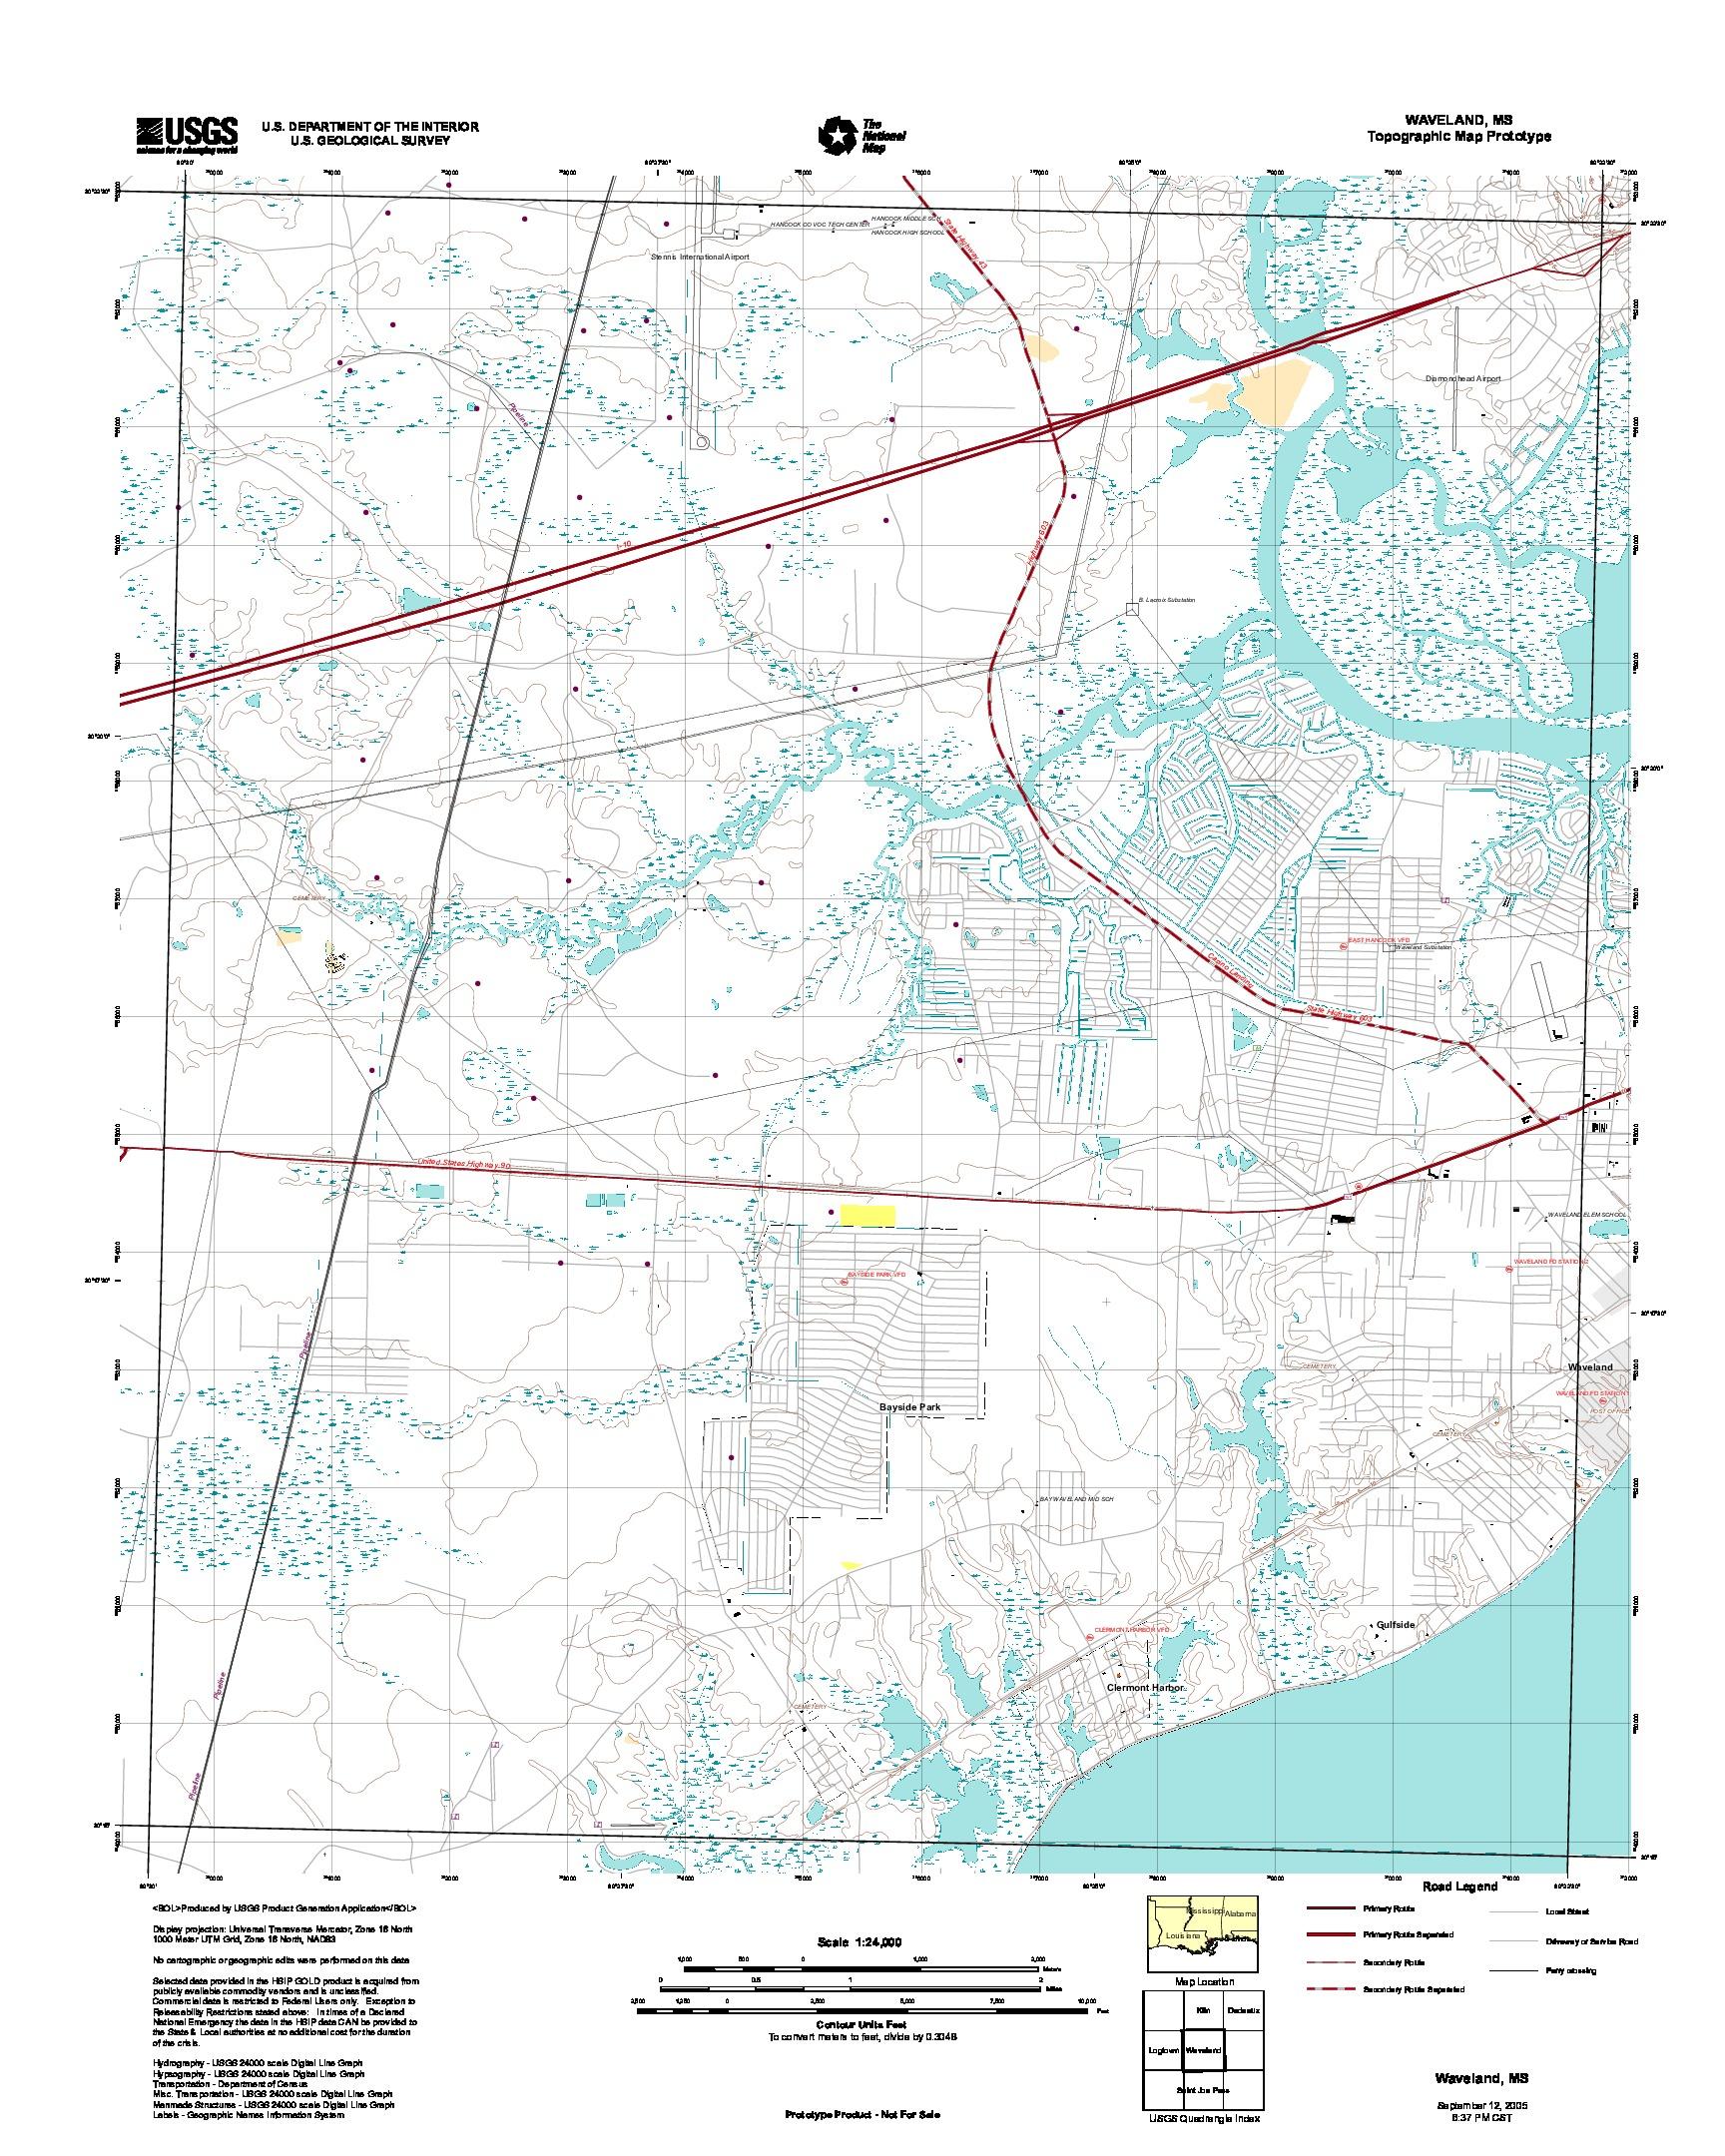 Prototipo de Mapa Topográfico de Wavely, Misisipi, Estados Unidos, Septiembre 12, 2005